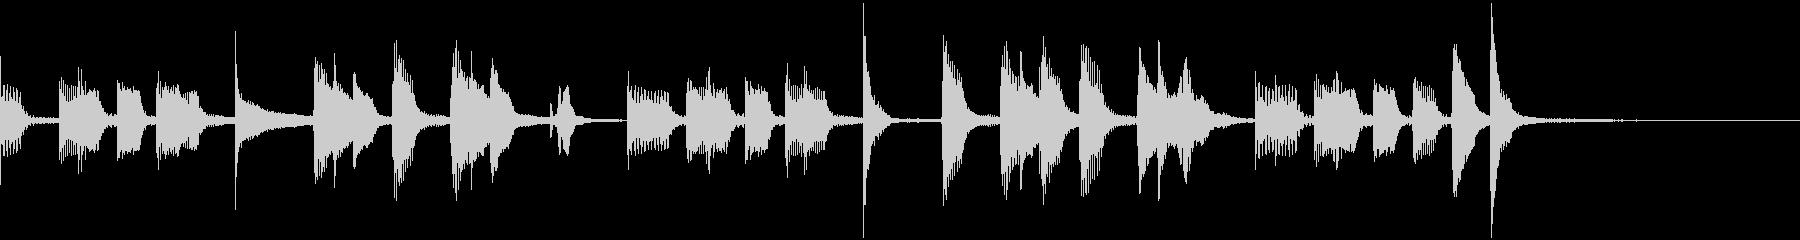 コマ送りの動きに合わせた可愛いモダン音楽の未再生の波形